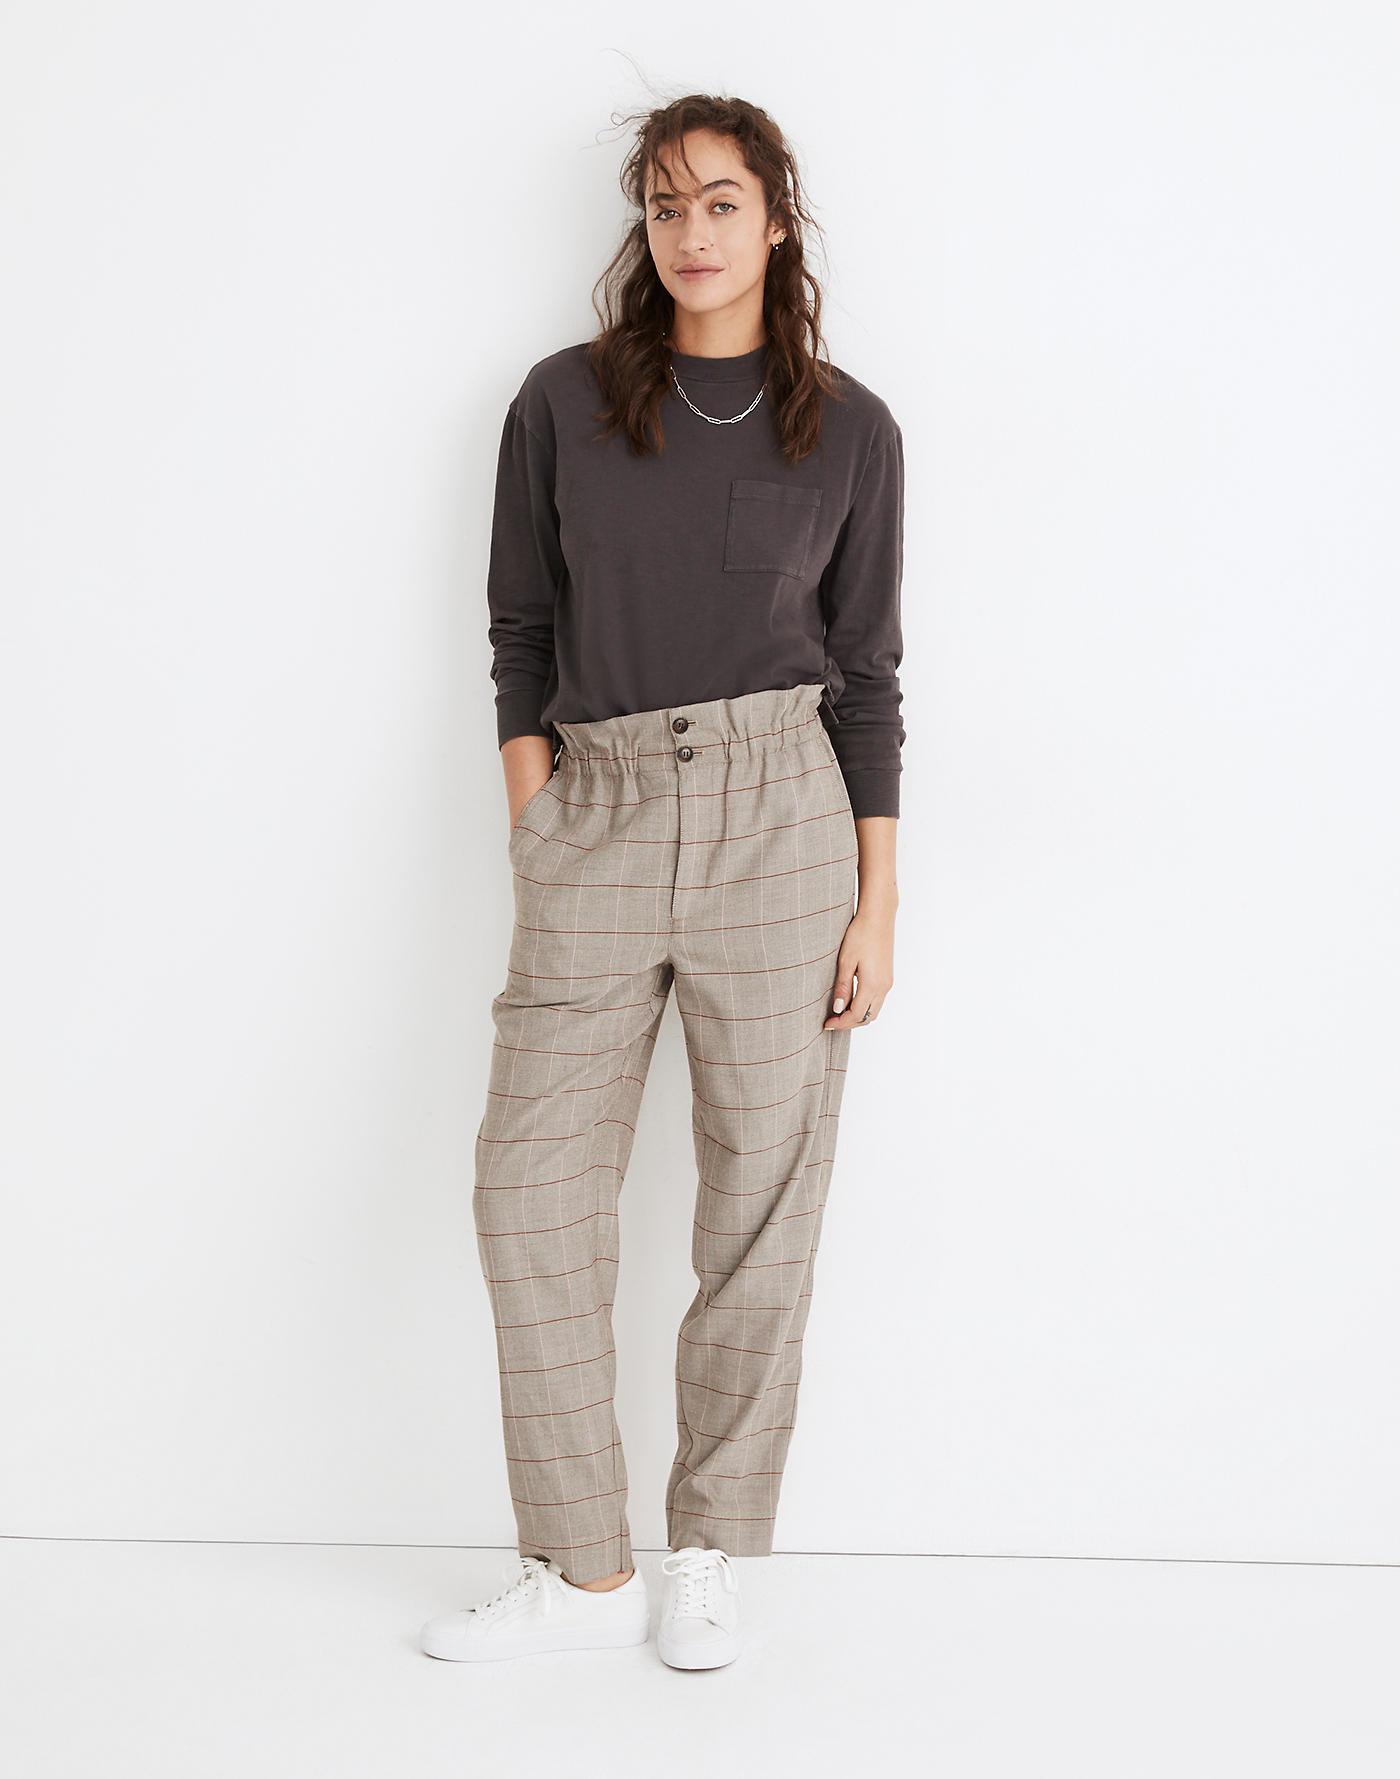 Model wearing paperbag plaid pants